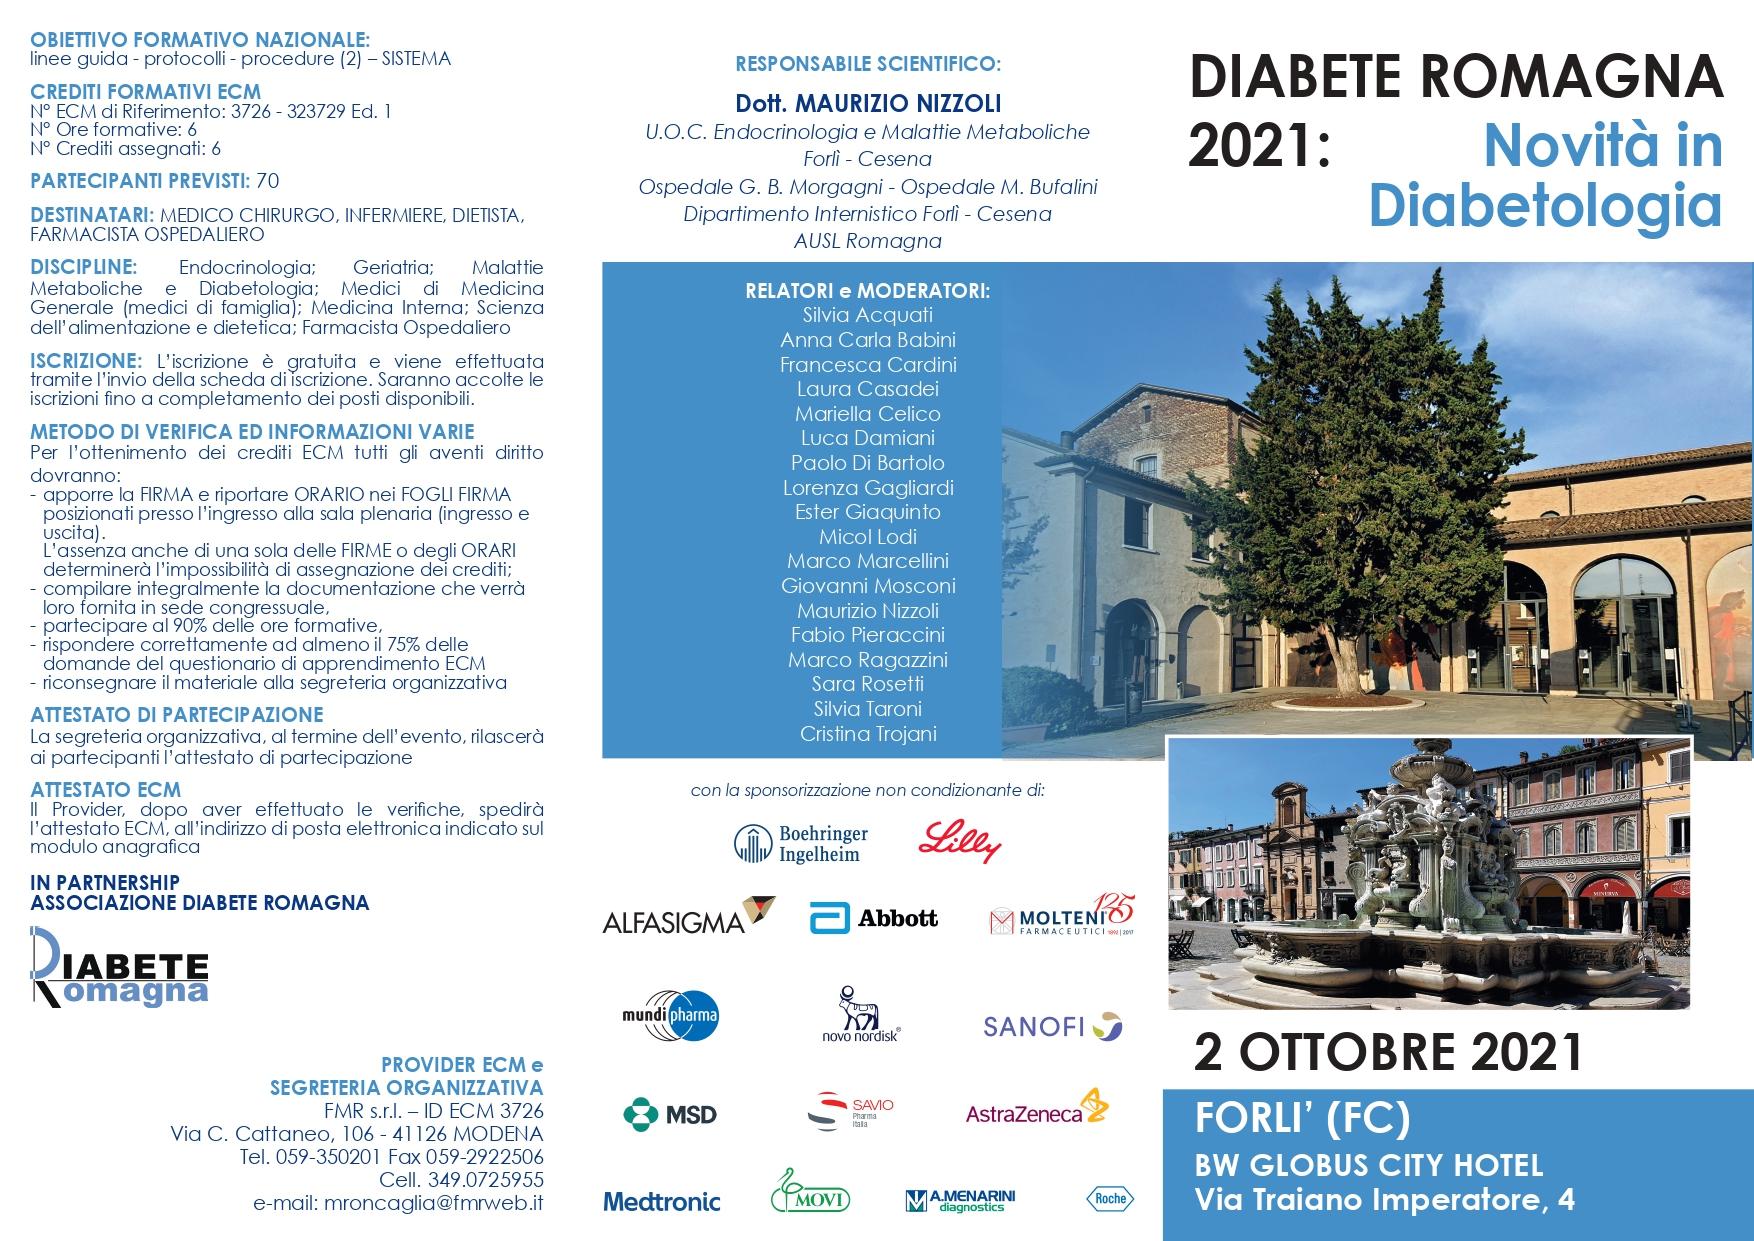 Novità In Diabetologia,sabato 2 Ottobre Al BW Globus City Hotel Di Forlì Un Convegno ECM Dedicato A Medici, Farmacisti E Infermieri In Partnership Con L'associazione Diabete Romagna